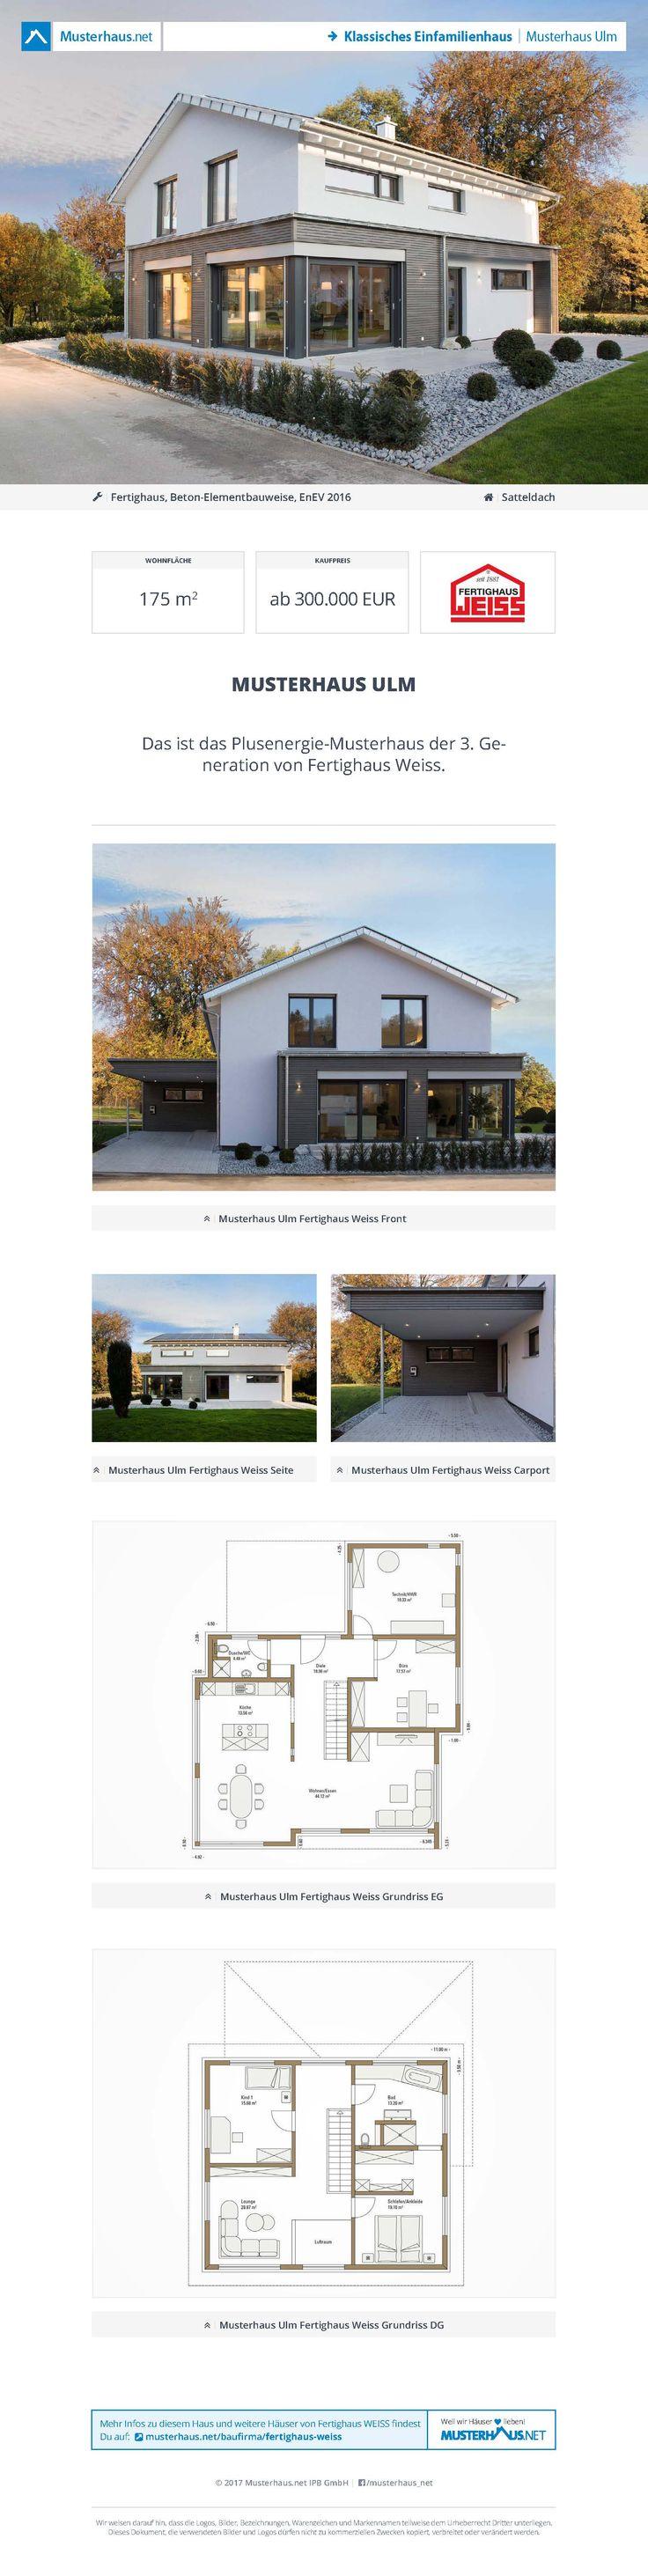 Fertighaus mit Satteldach • #Musterhaus Ulm • Fertighaus Weiss • Jetzt bei #Musterhaus.net Unterlagen anfordern!